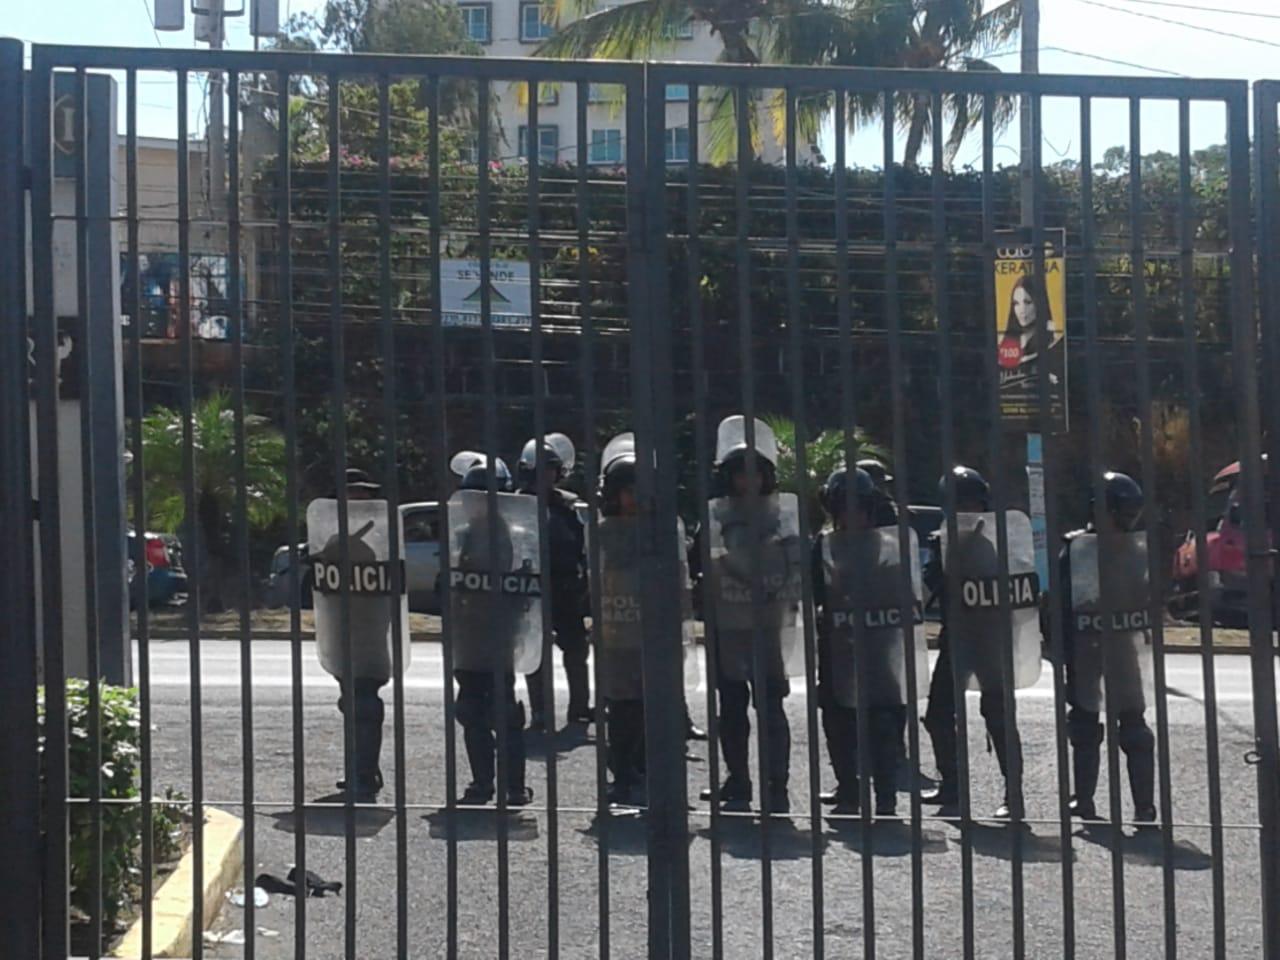 La Policía intentó agredir a los manifestantes. Foto/Artículo66